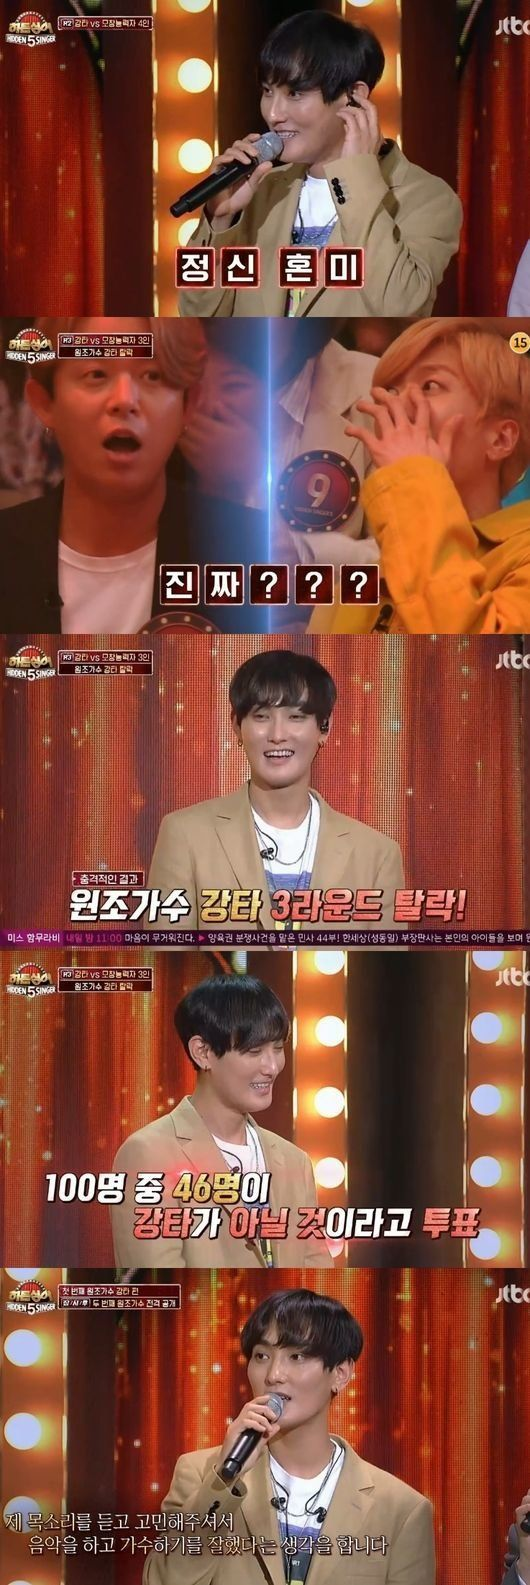 [어저께TV] '히든싱어5', 강타편 이변 속출..역대급 시즌